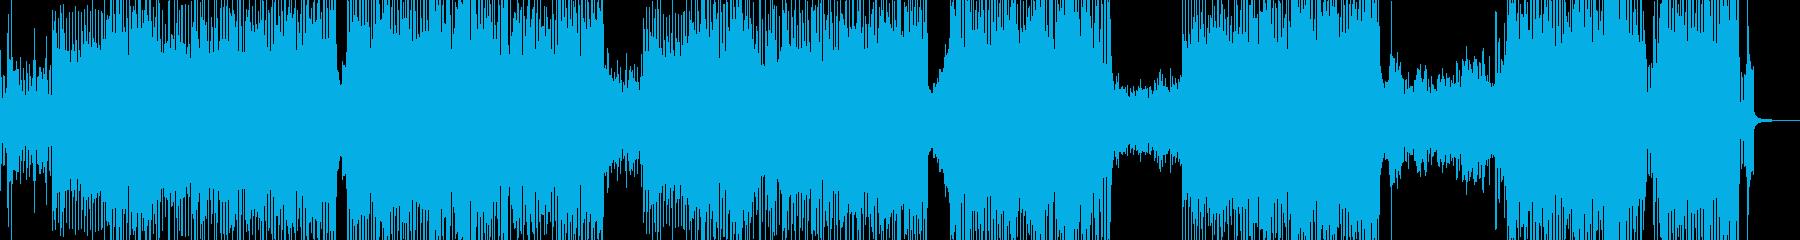 可愛く弾けるアニメ調ロック A2の再生済みの波形